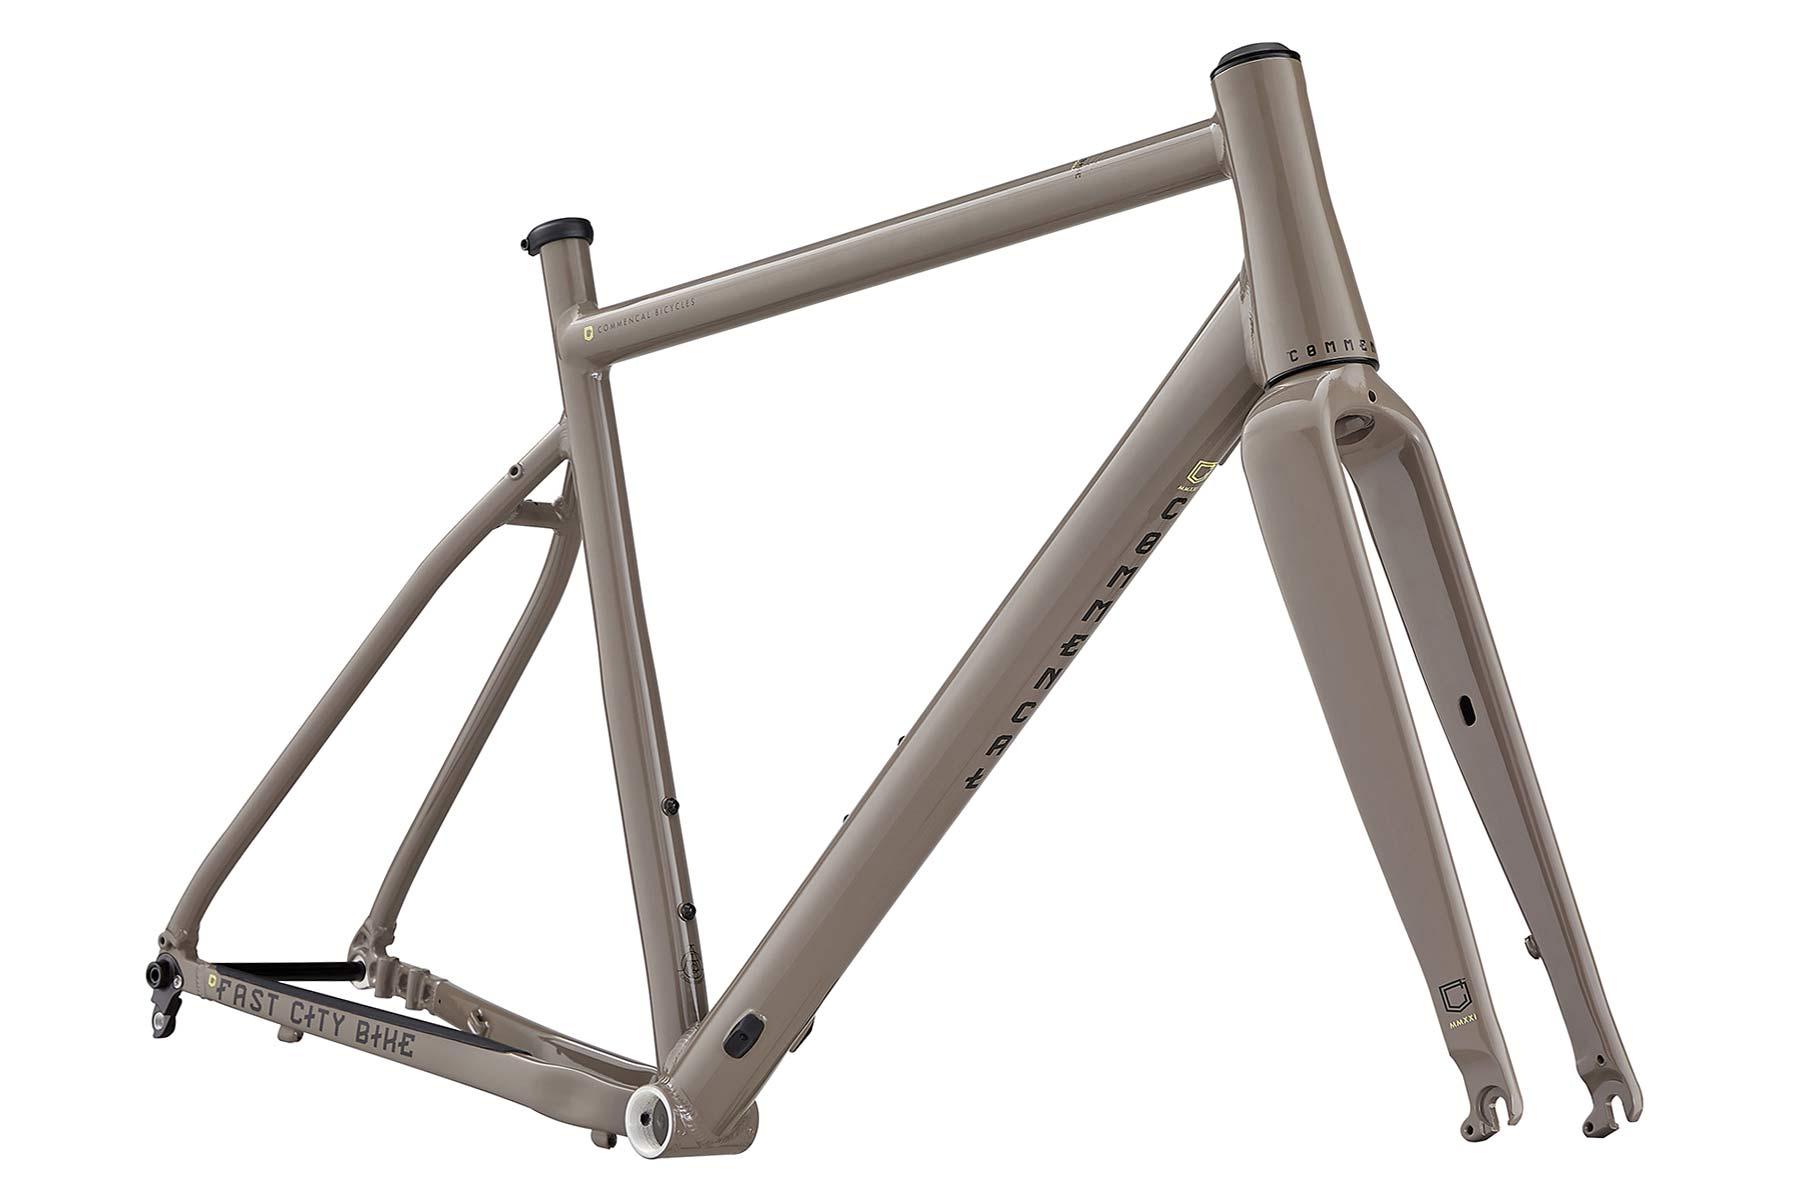 Commencal FCB Gravel project frameset, frame kit option, custom gravel bike build,Dirt brown frame